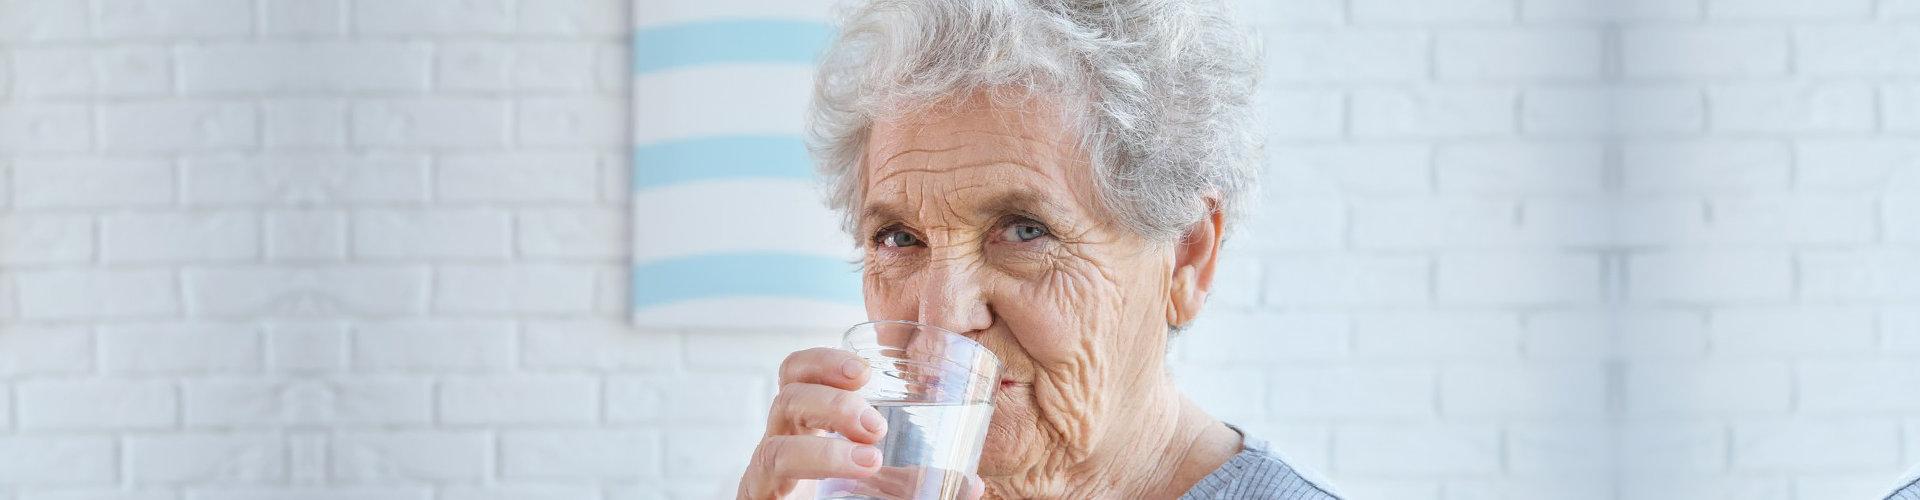 an elderly woman drinking water